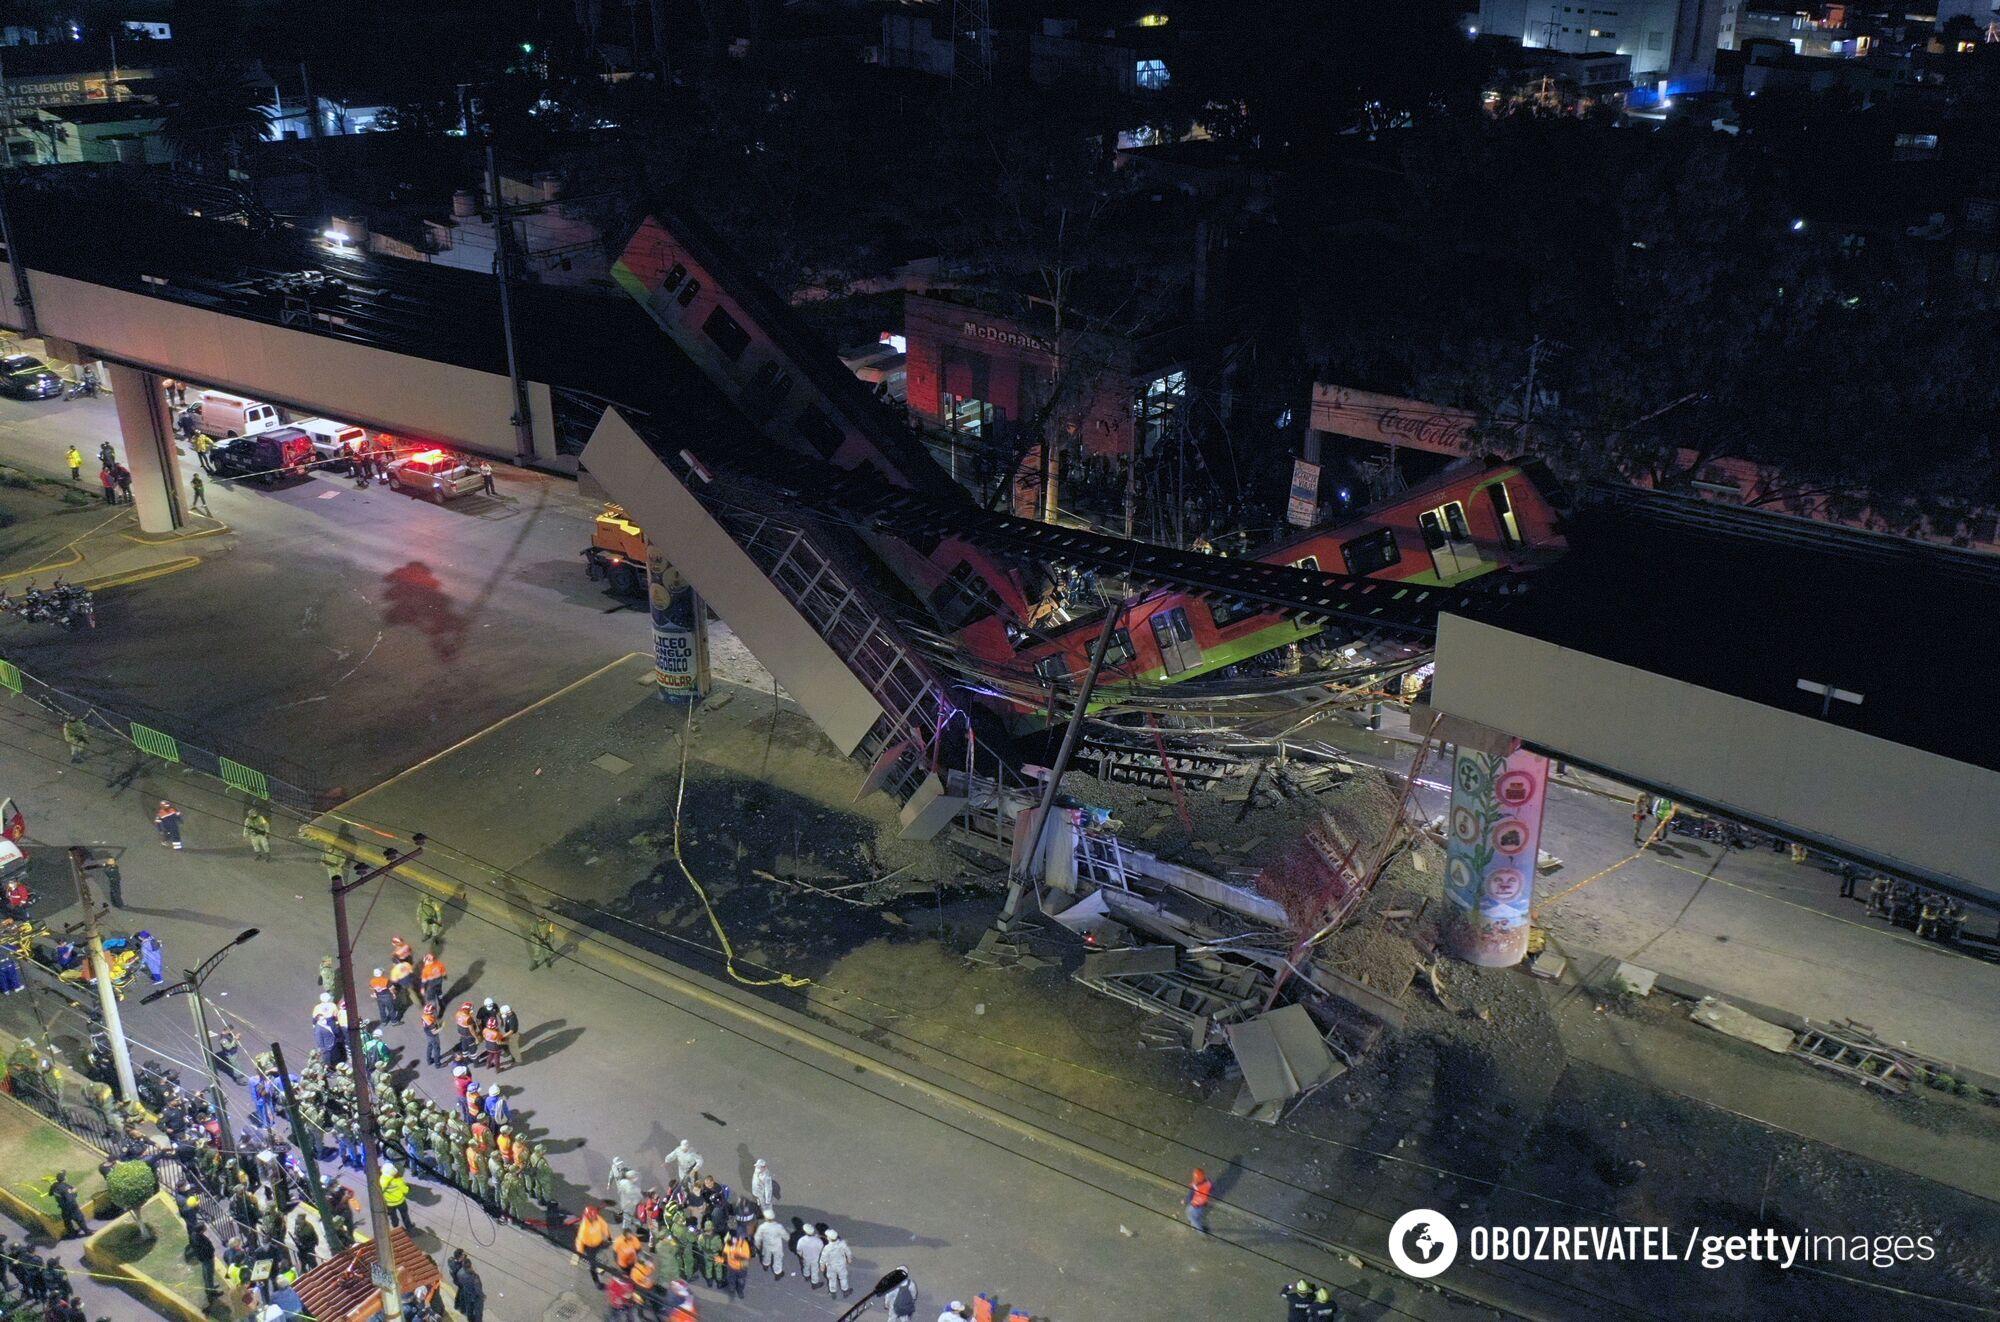 В Мексике вагоны метро рухнули с эстакады, много погибших и раненых. Фото и видео